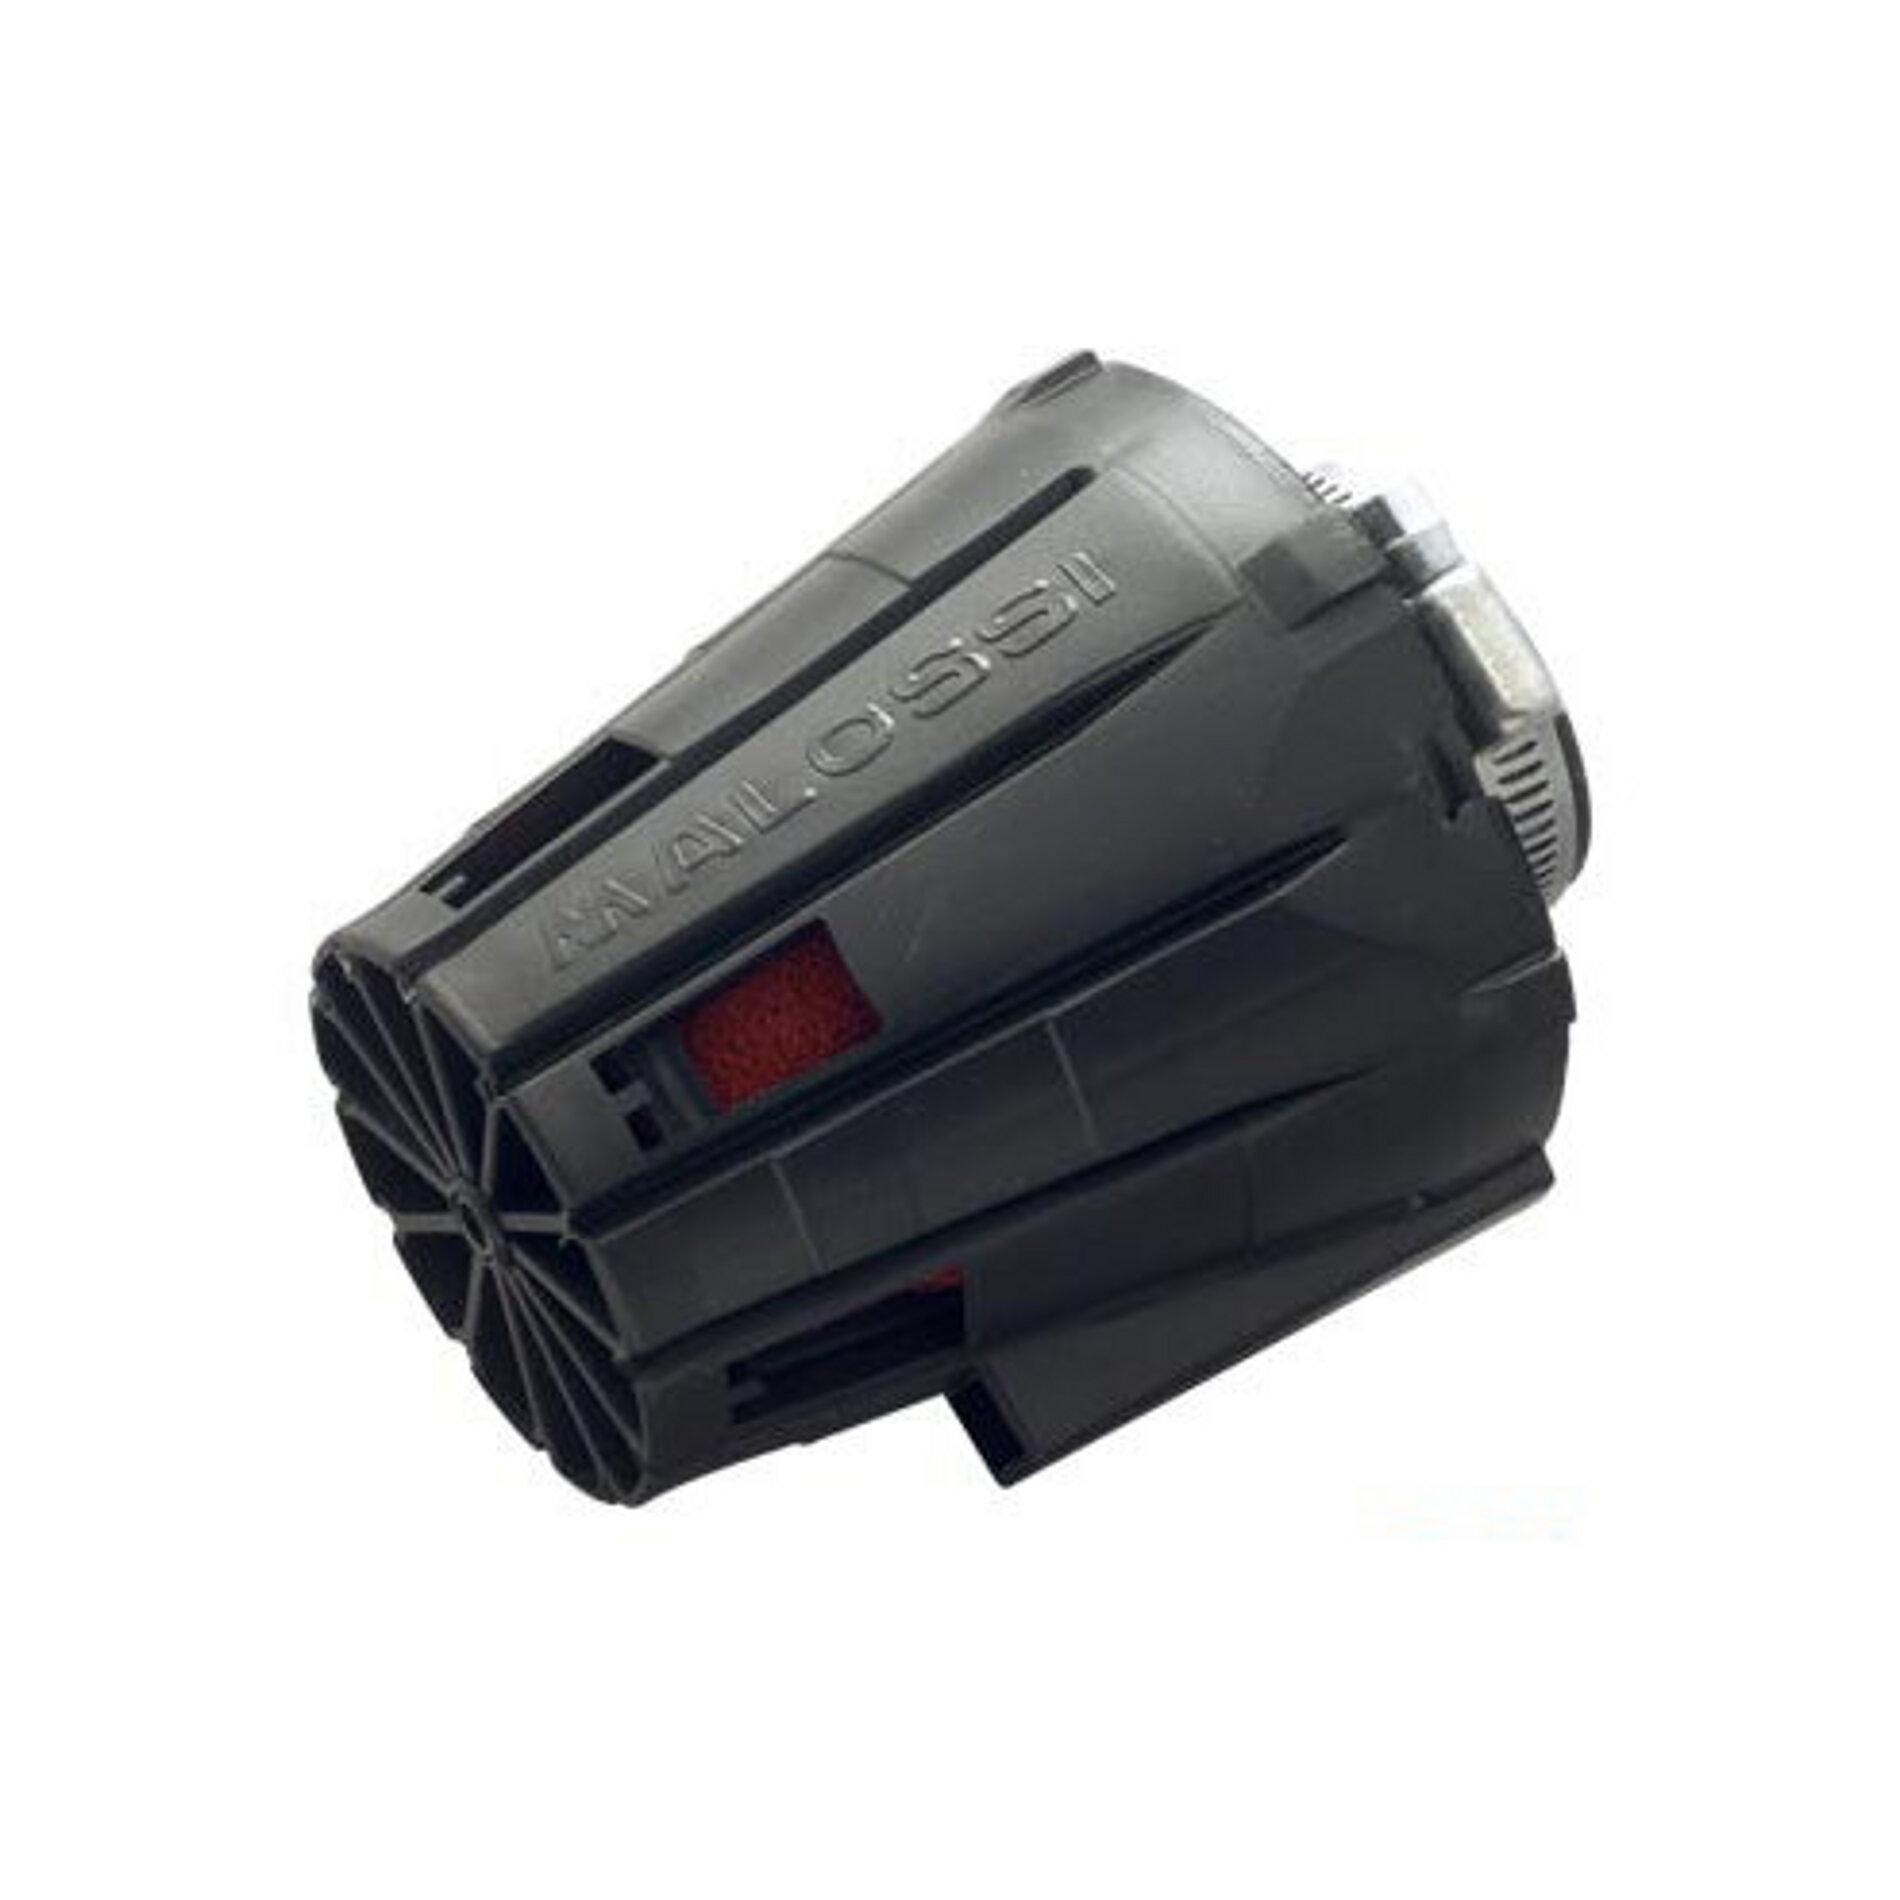 Filtre à air Malossi E5 couvercle noir pour phbg